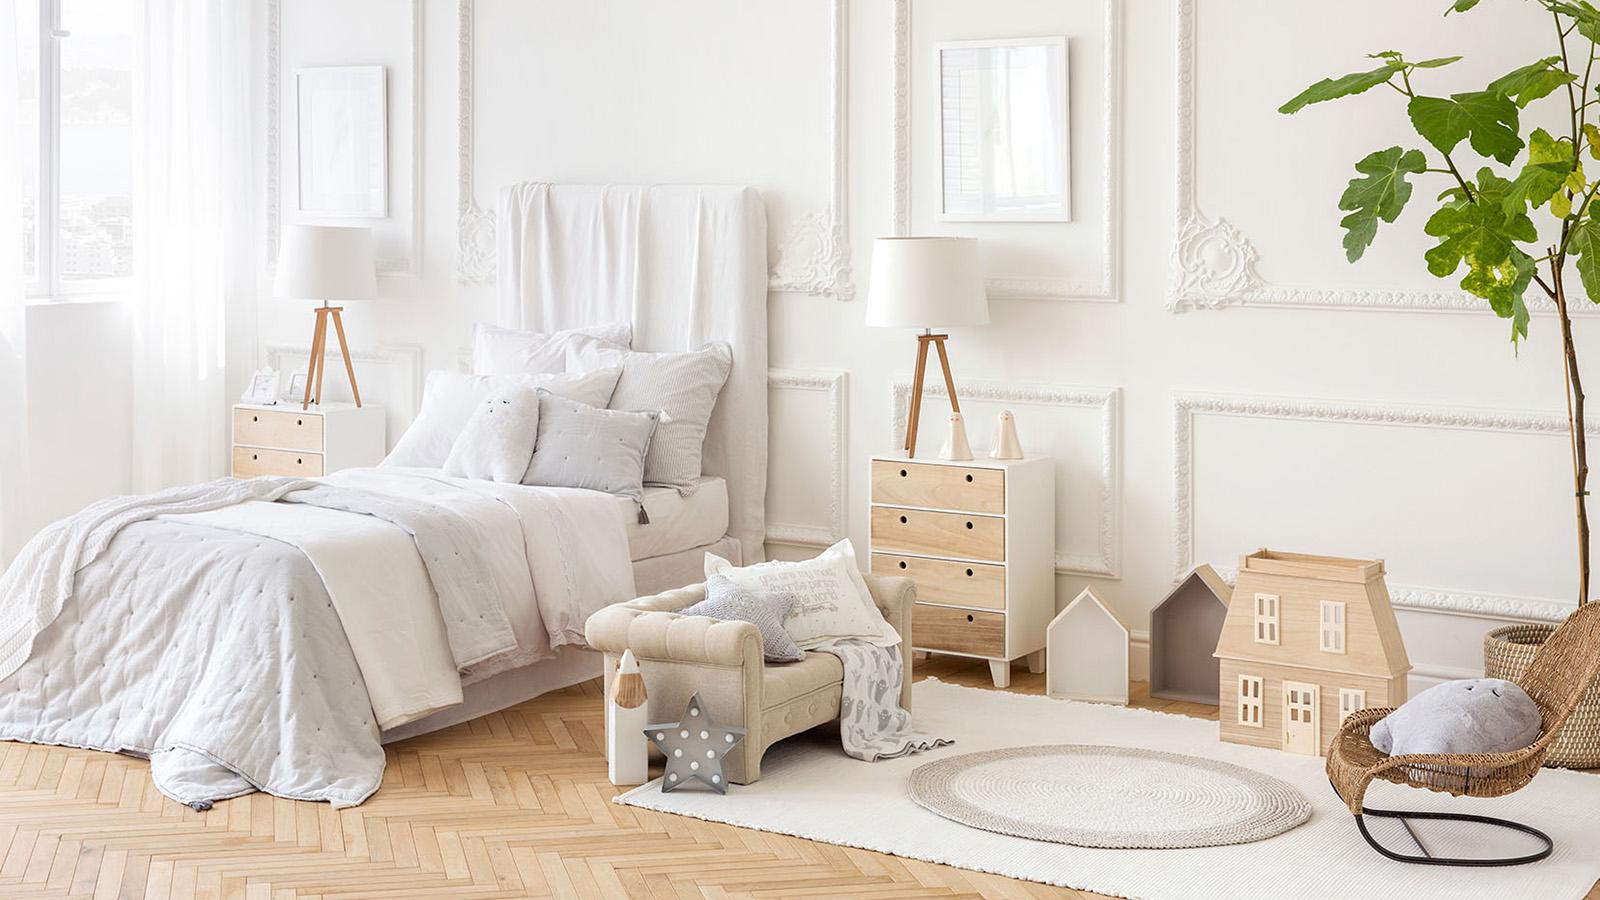 bis zu 40 rabatt im schlussverkauf bei zara home. Black Bedroom Furniture Sets. Home Design Ideas